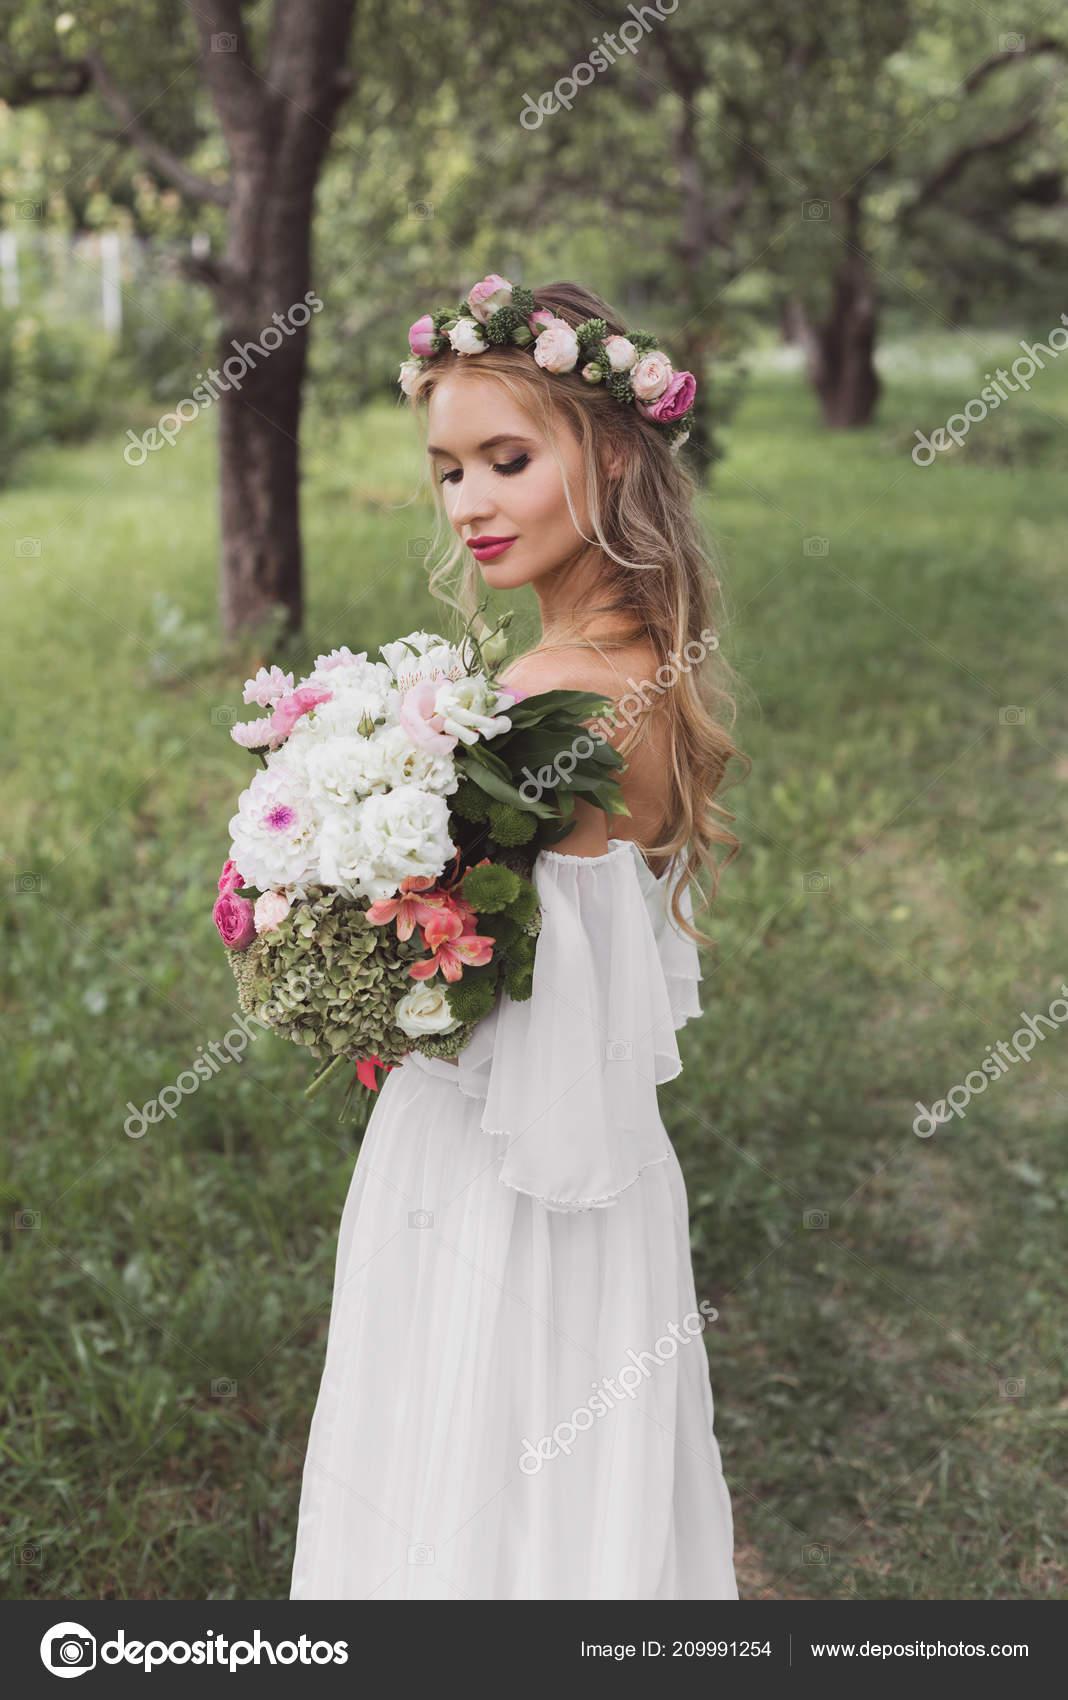 Zarte Junge Braut Blumenkranz Und Hochzeitskleid Blumenstrauss Freien